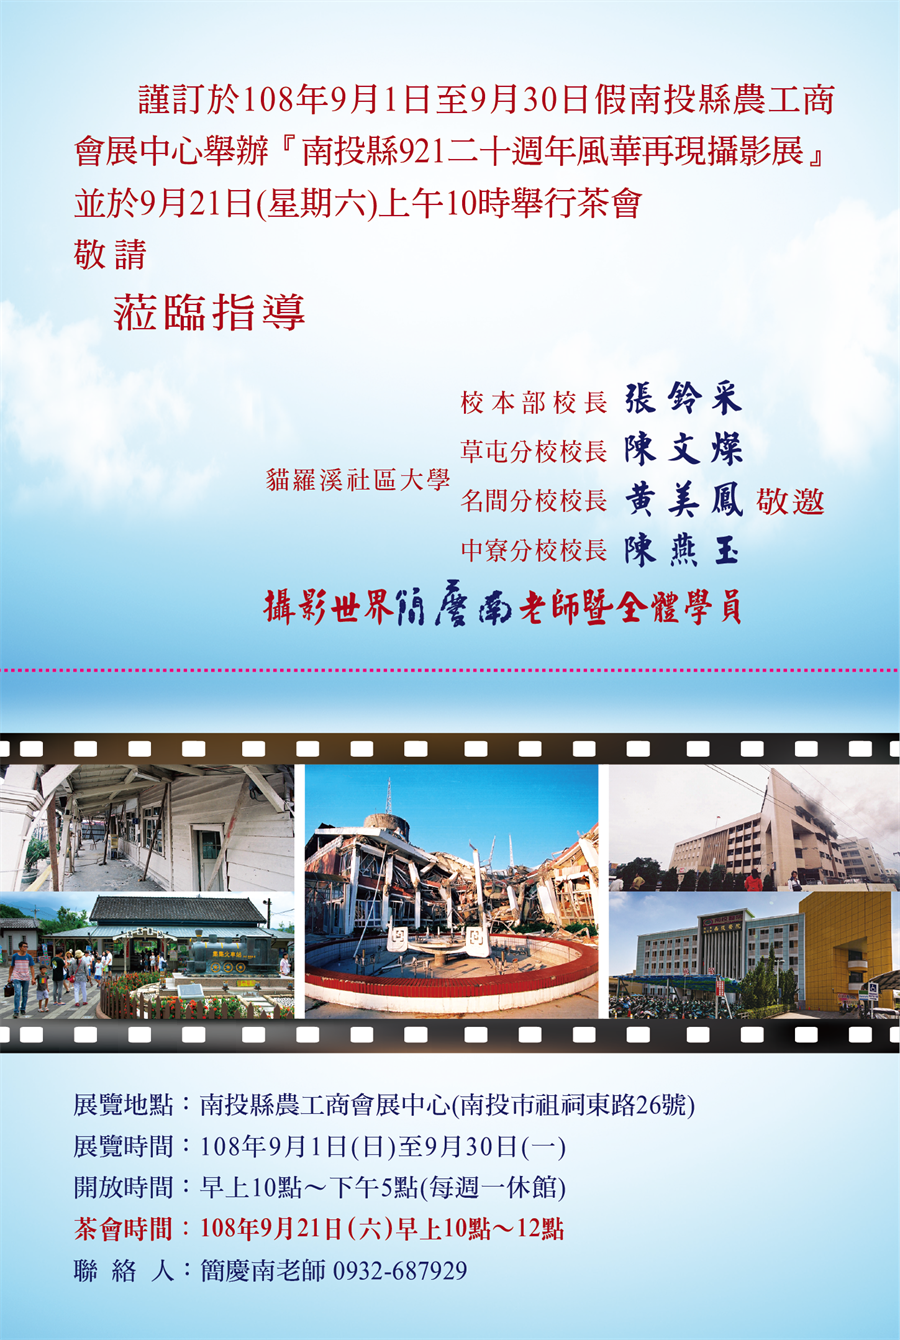 921大震《風華再現攝影展》,將於9/1登場。(簡慶南提供)